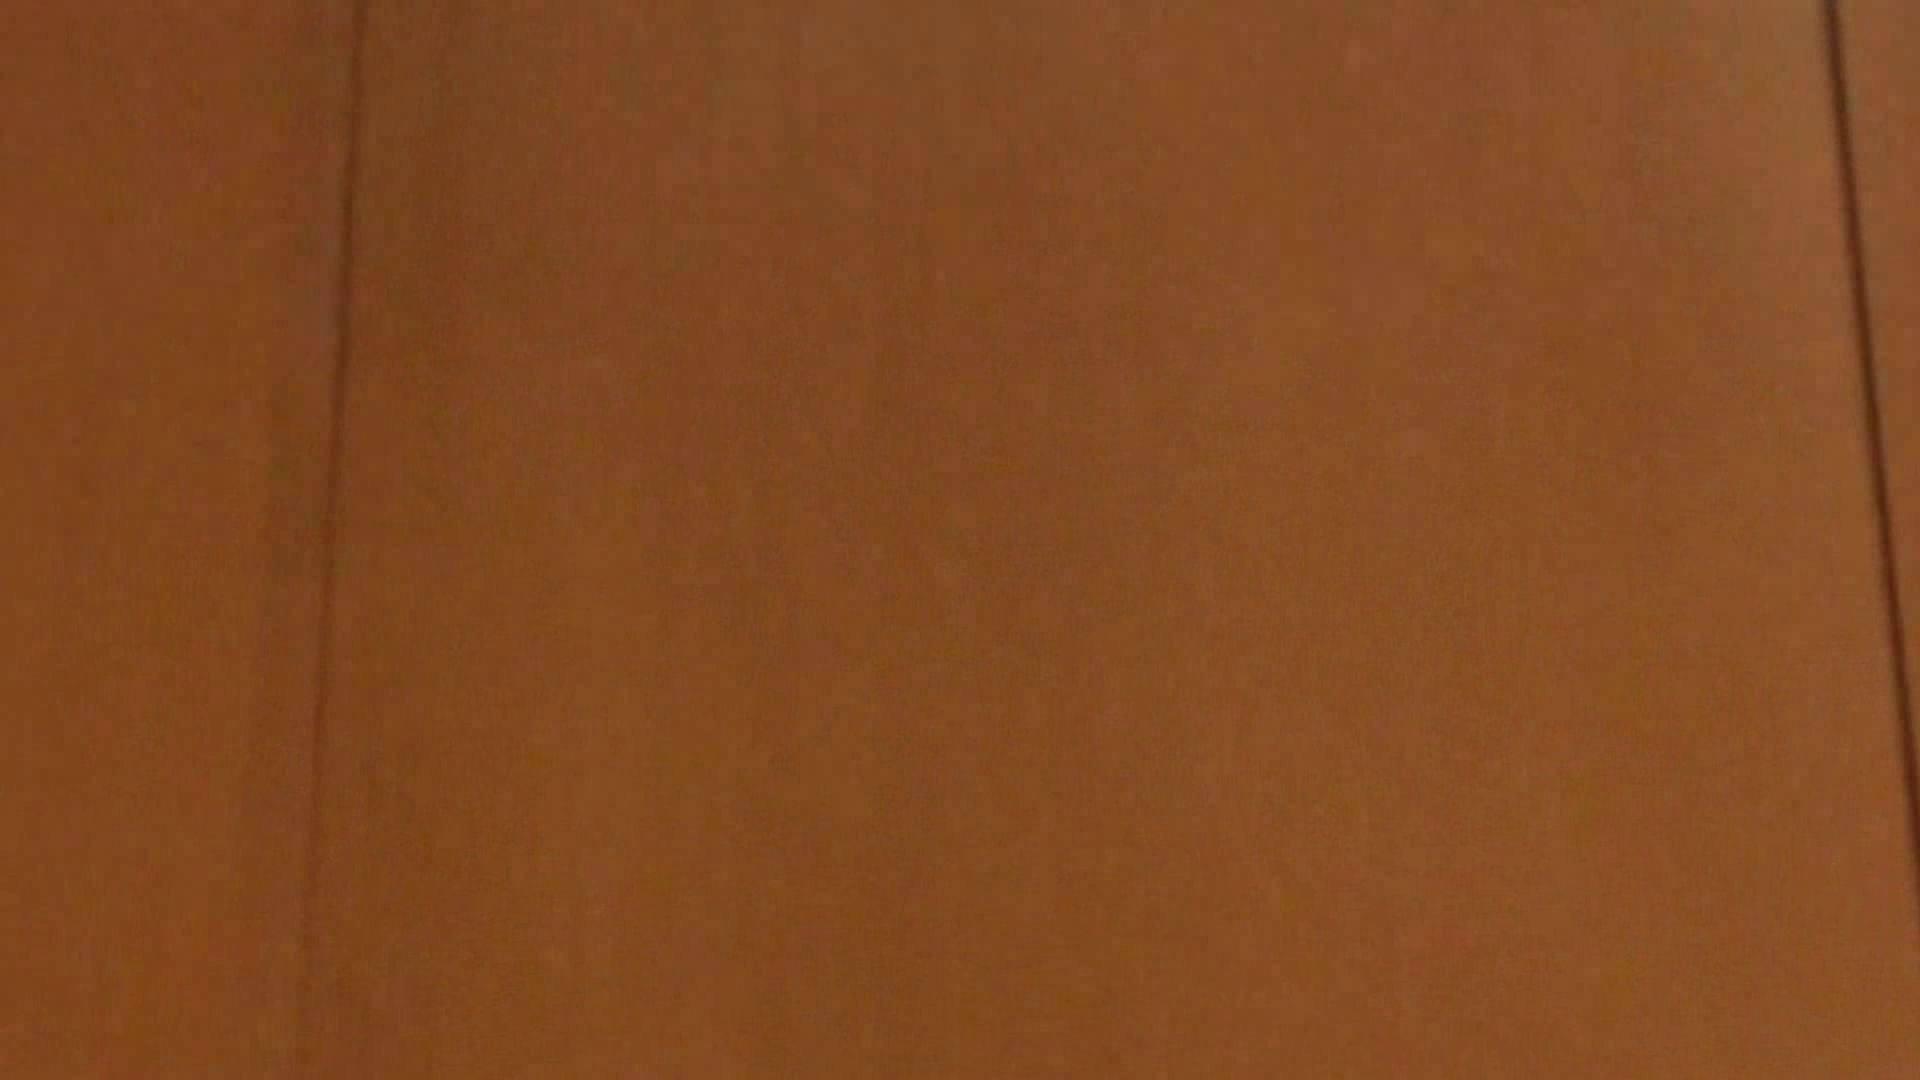 「噂」の国の厠観察日記2 Vol.01 美しいOLの裸体 | 厠隠し撮り  102pic 76